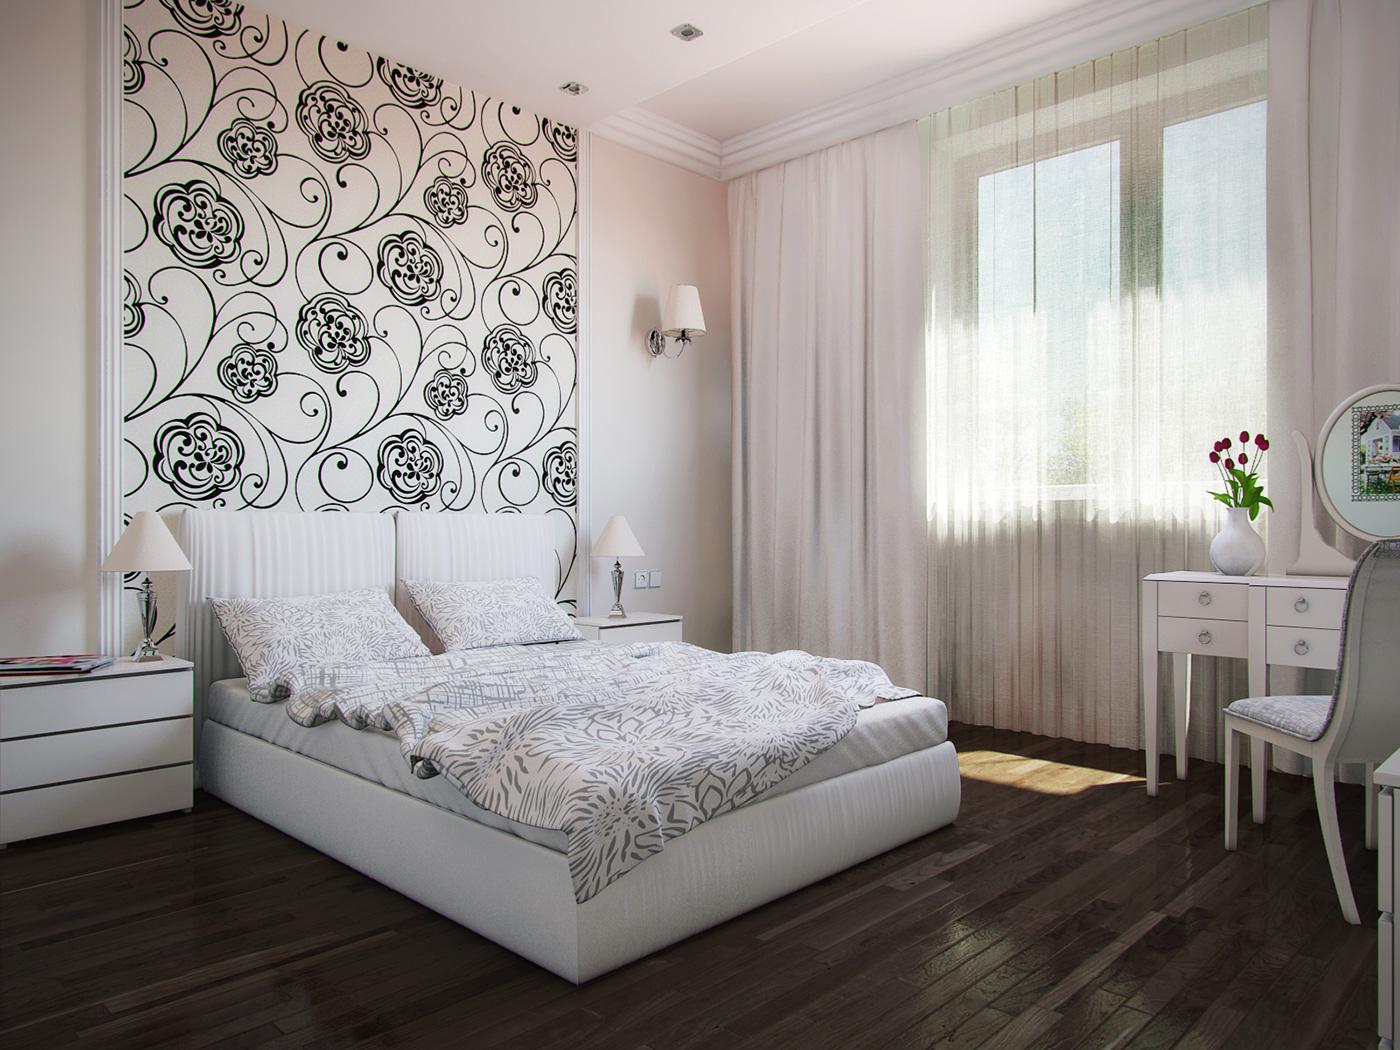 Дизайн обоев в спальной комнате